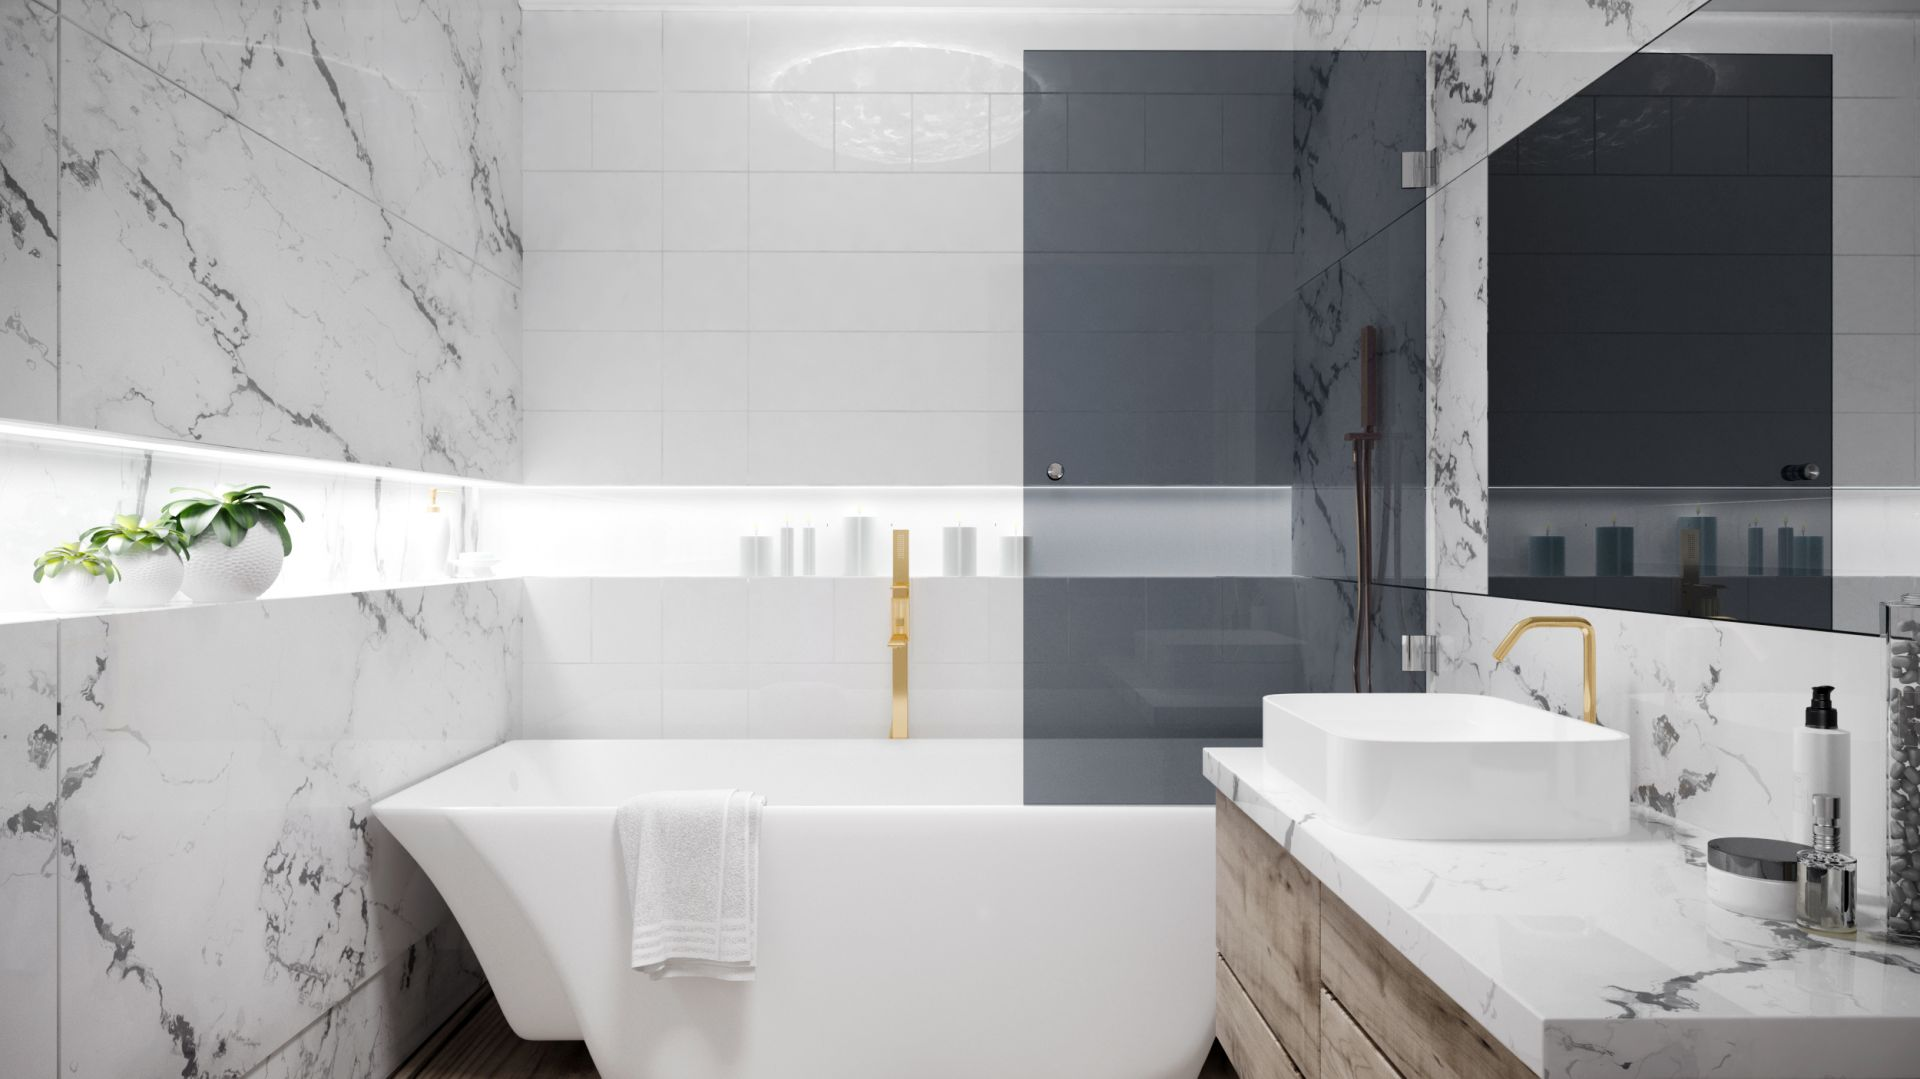 Mała łazienka Dobre Pomysły Do Strefy Kąpieli